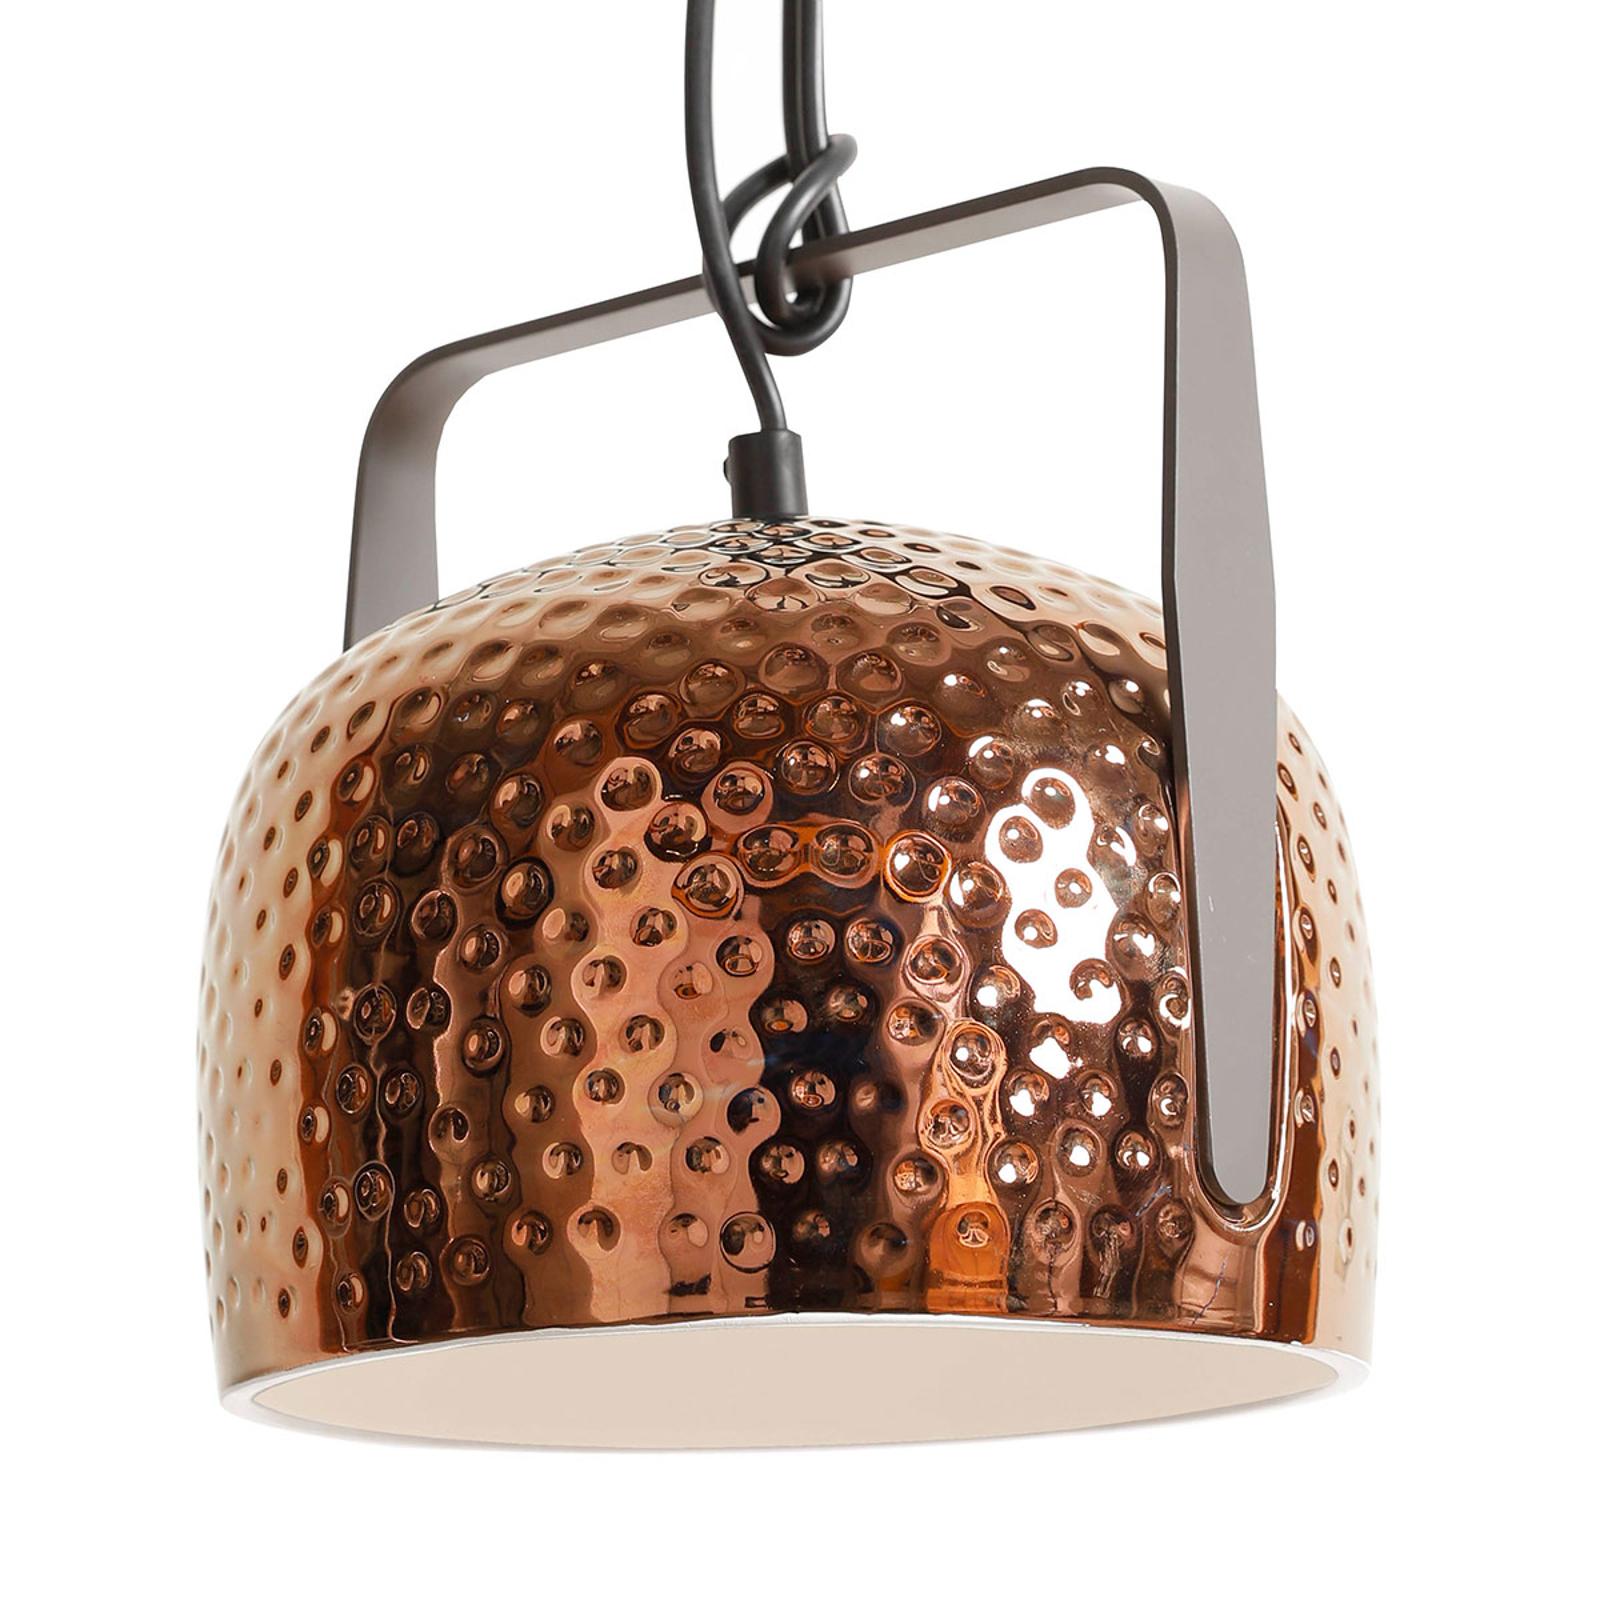 Karman Bag - brązowa lampa wisząca, 32 cm